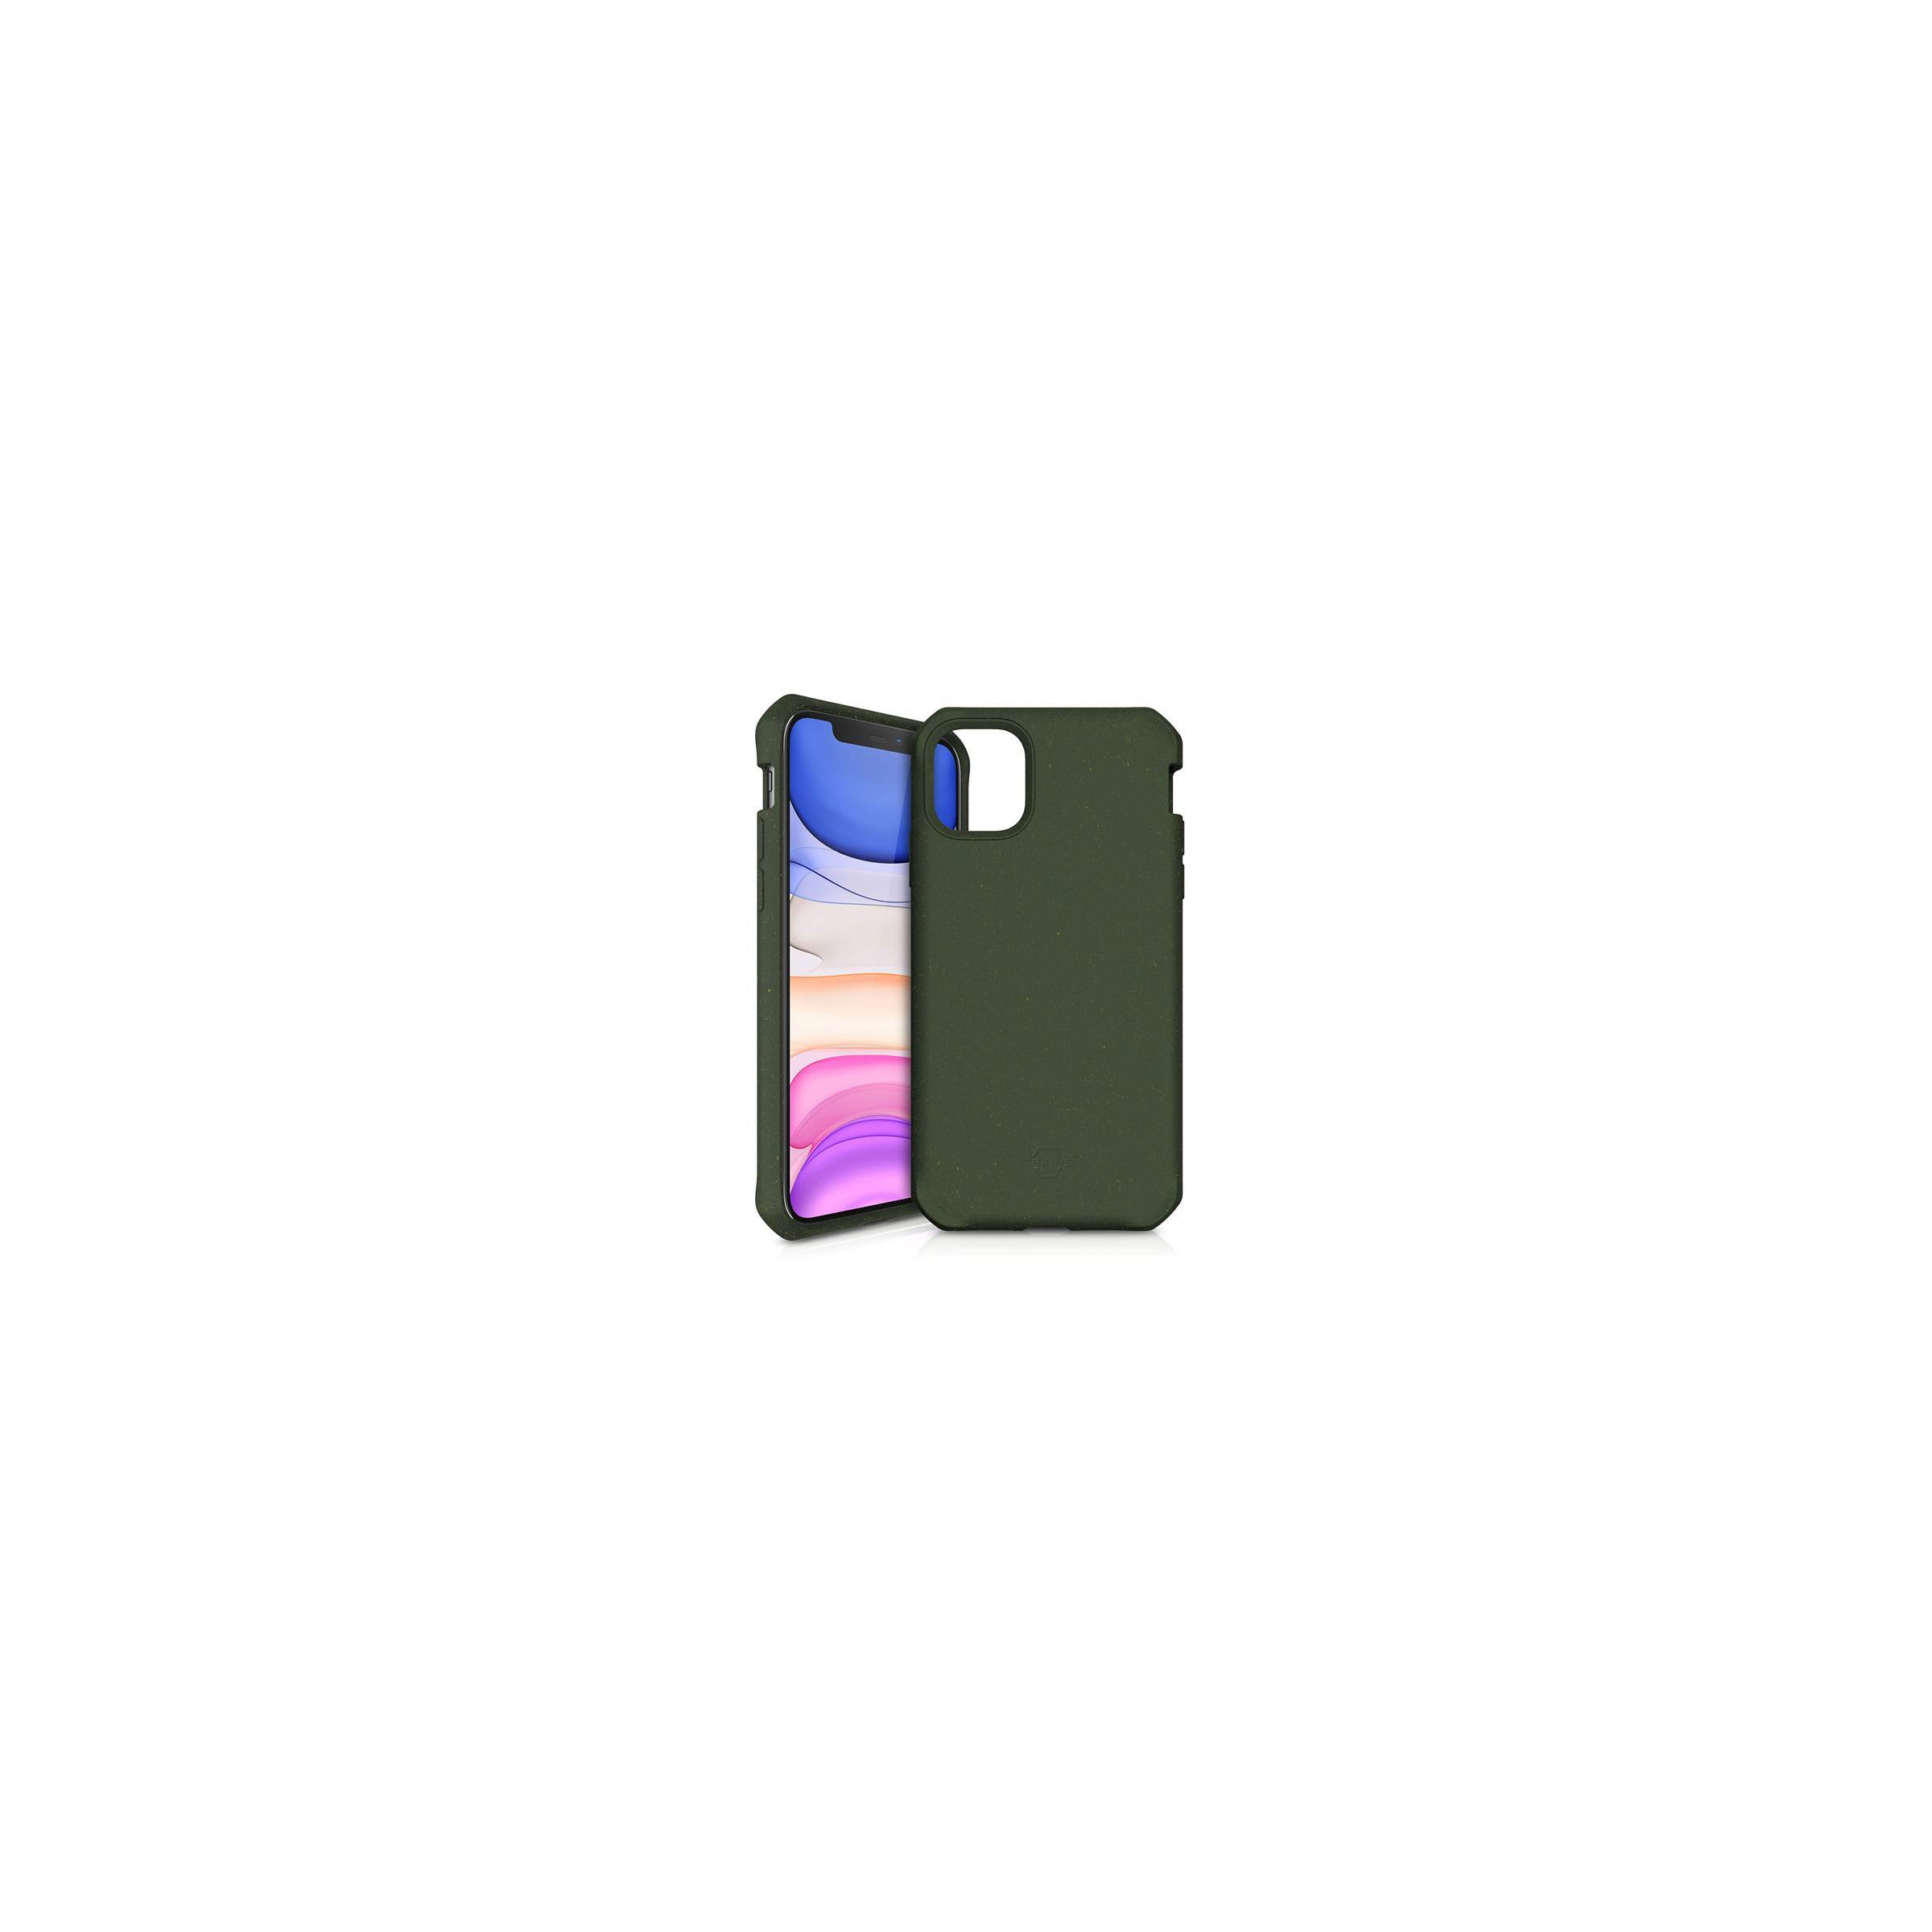 Feroniabio bionedbrydeligt iphone 11 cover grøn fra itskins fra itskins på mackabler.dk